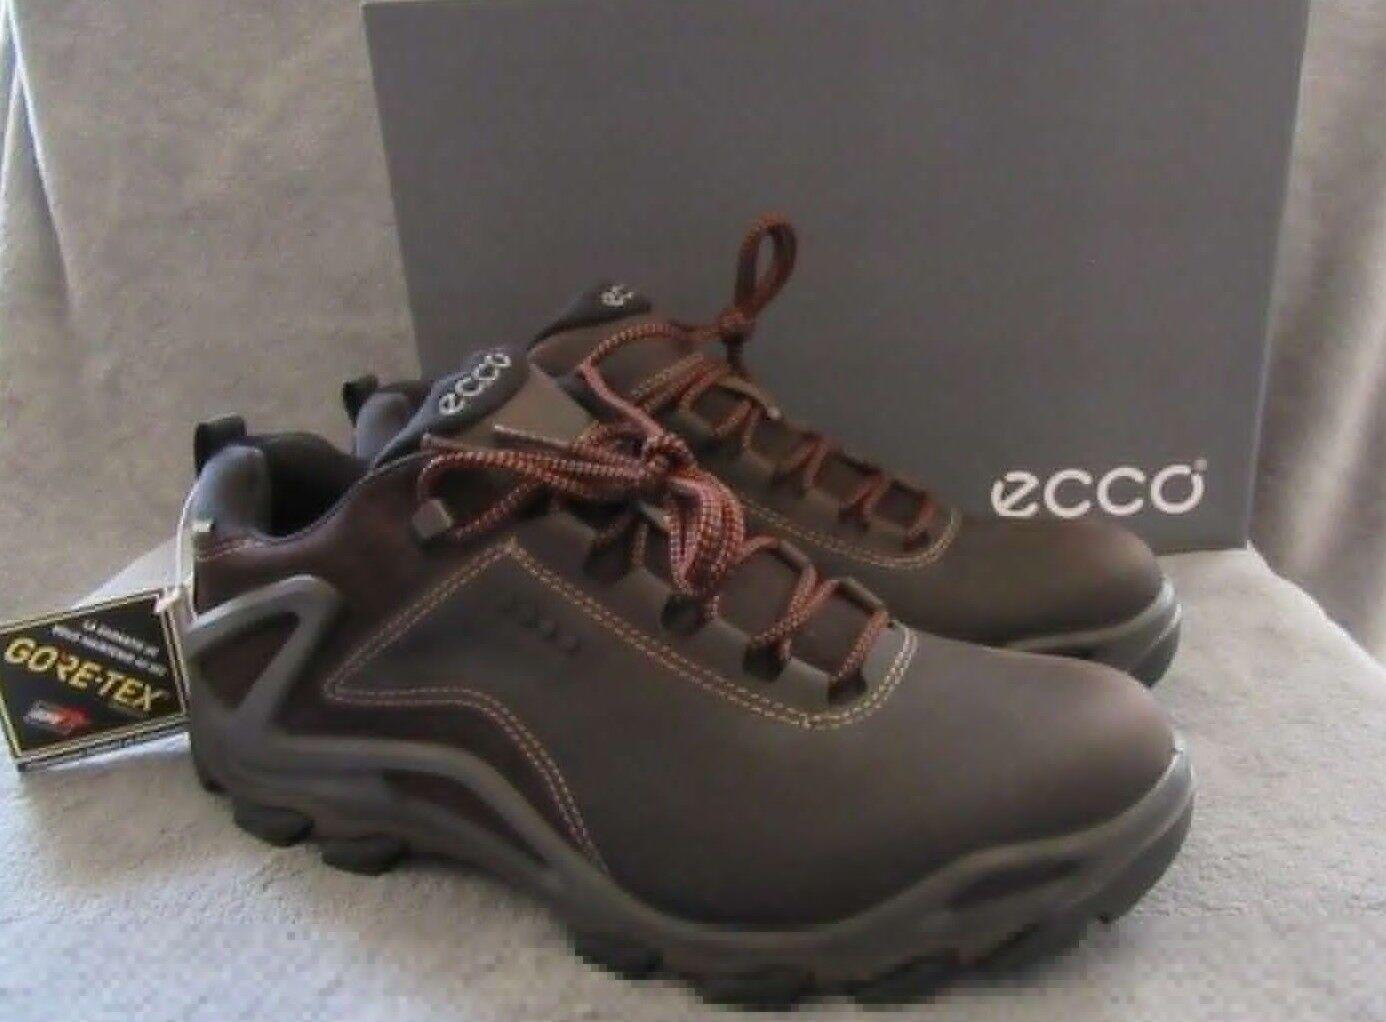 Ecco Terra Evo Bajo Gore-Tex café Bota De Cuero Zapatos EE. UU. 10 - 10.5 M Nuevas Con Caja